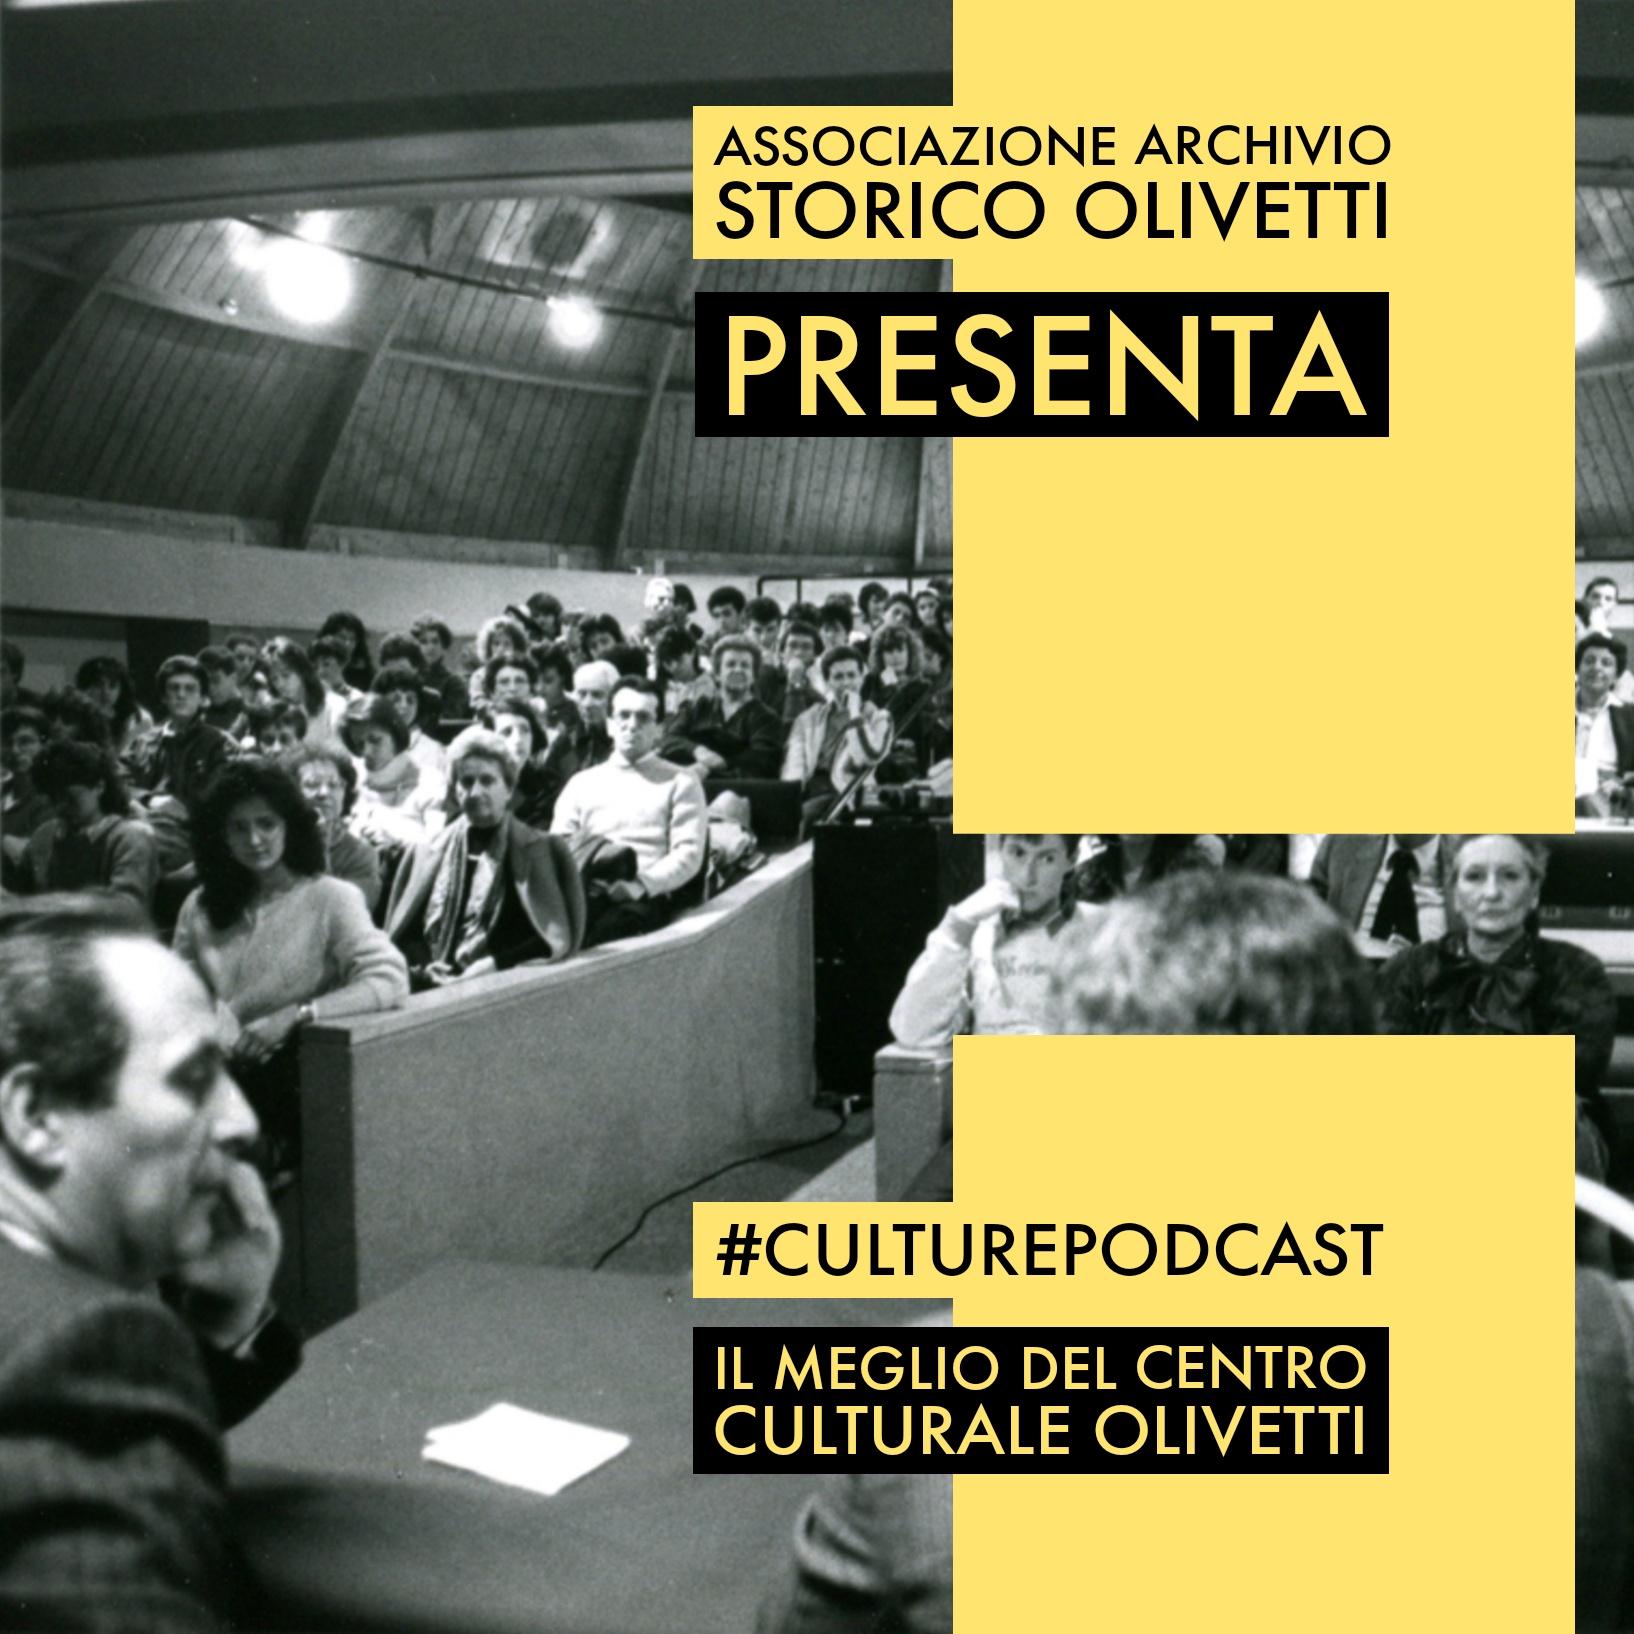 Culture Podcast. Le conferenze del Centro Culturale Olivetti